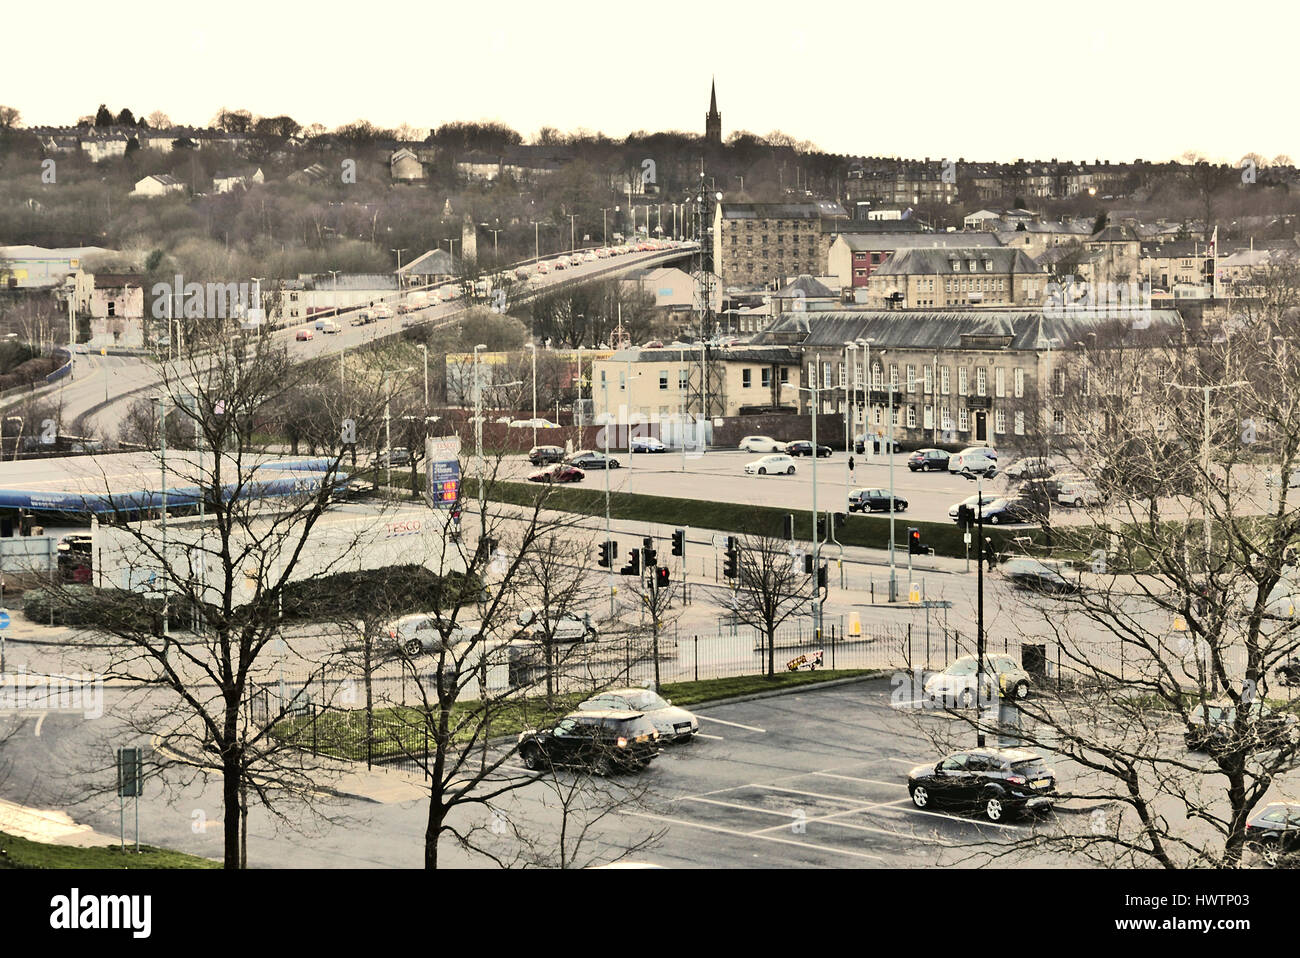 Rush hour traffic, Burnley,Lancashire,UK - Stock Image